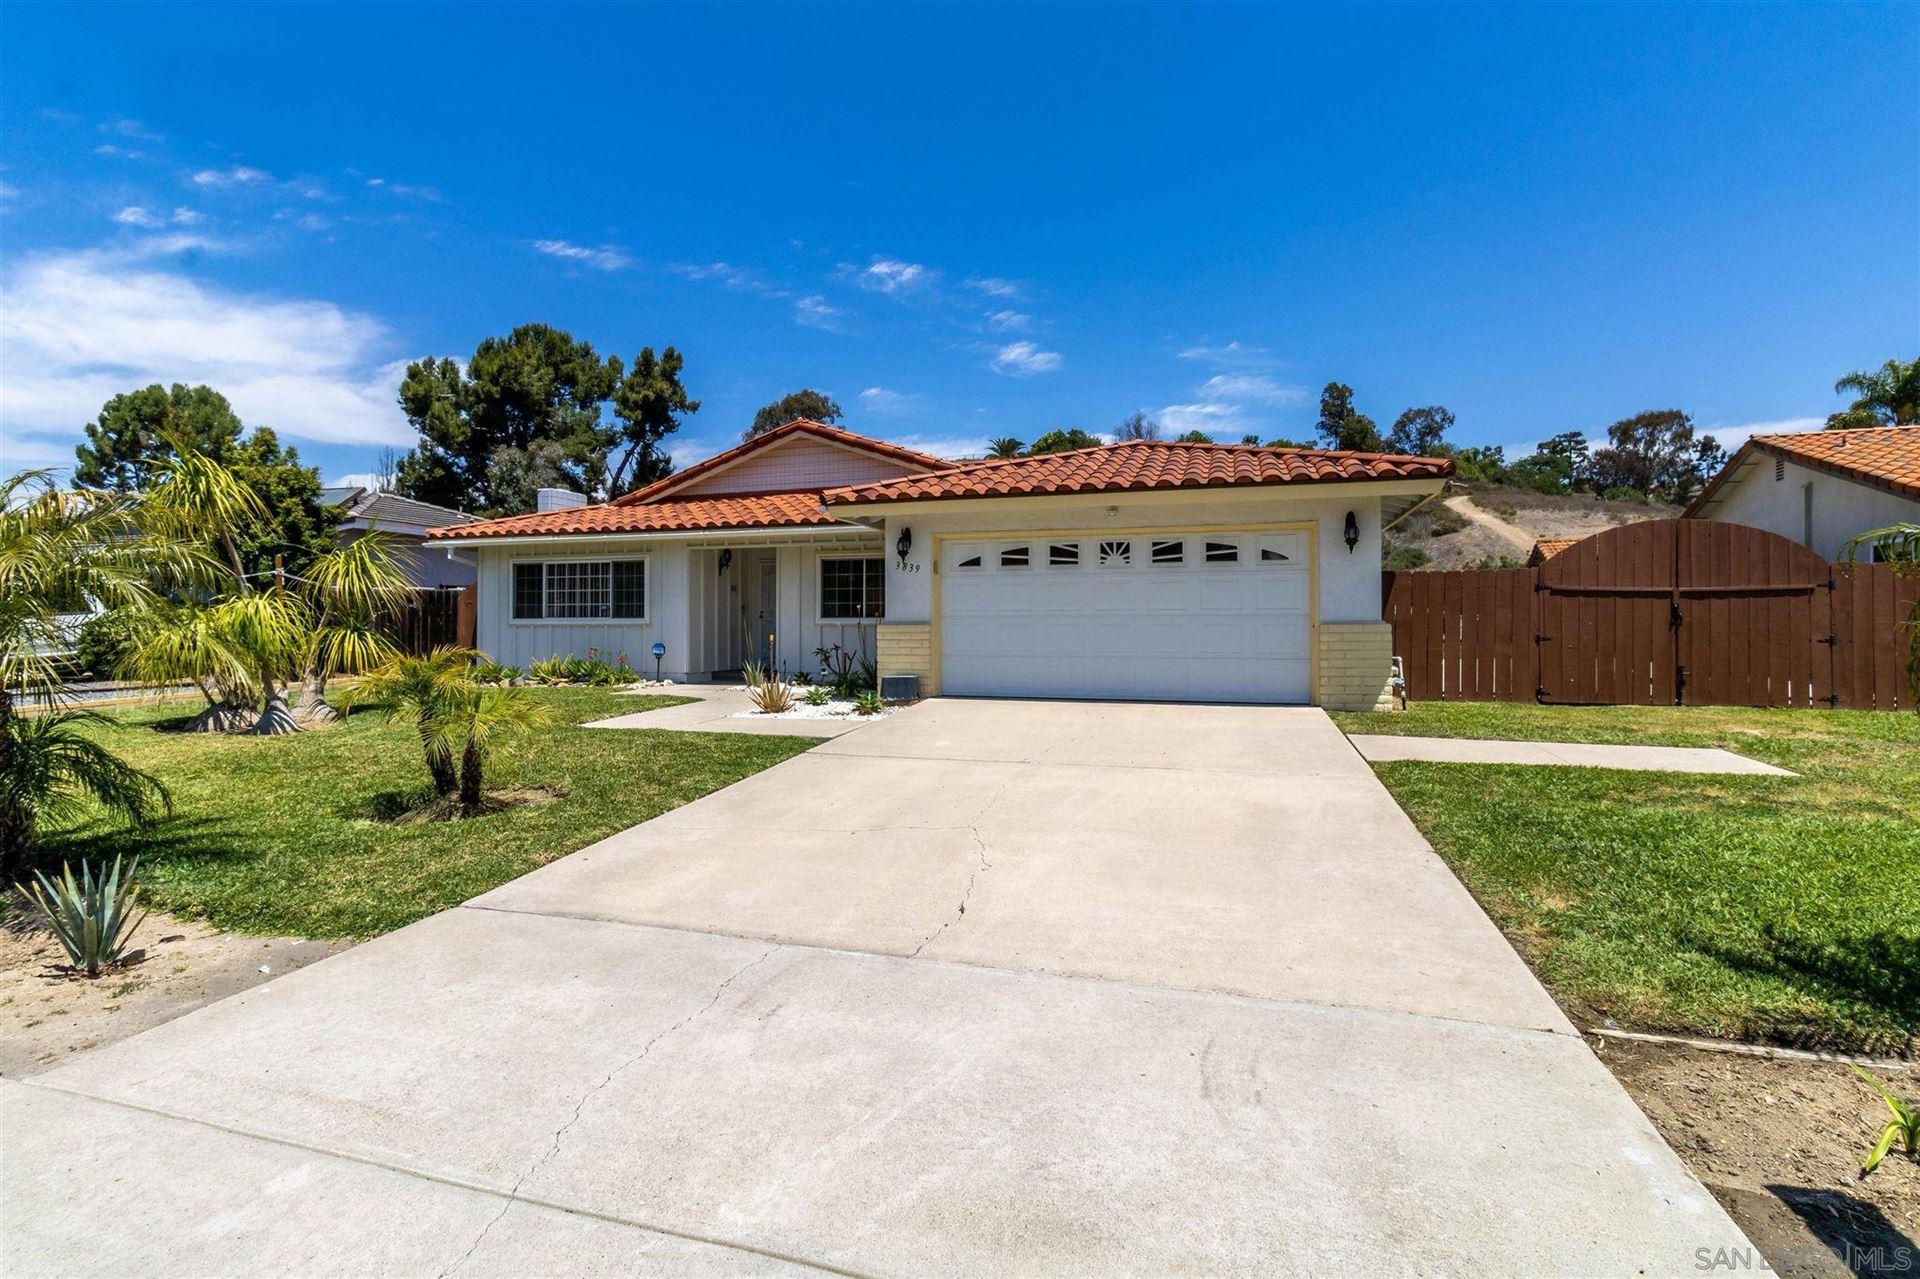 Photo of 3839 Corral Canyon Rd, Bonita, CA 91902 (MLS # 210012234)